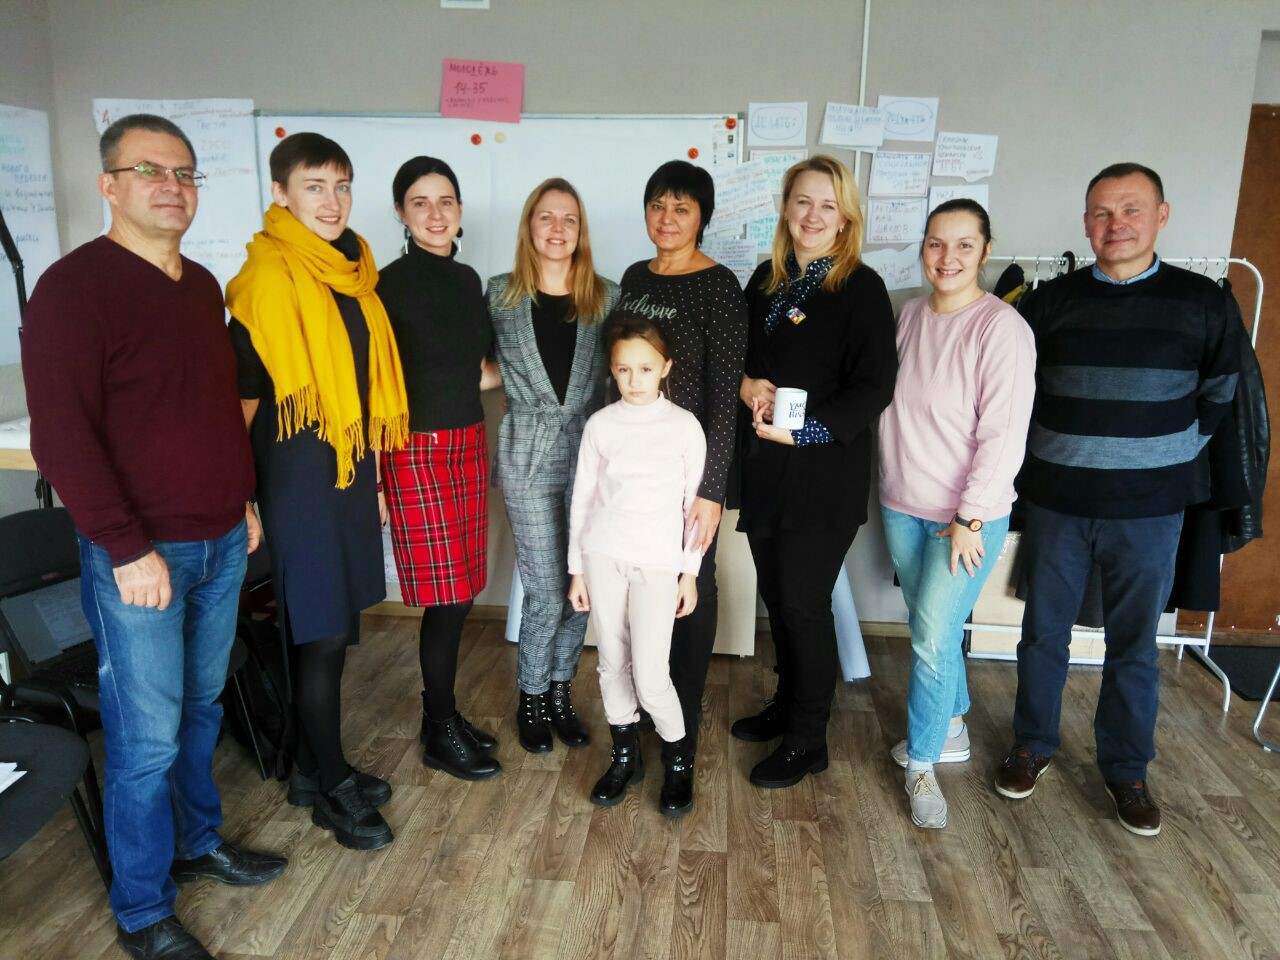 Робоча зустріч керівників спільного проекту Білорусь / Швеція / Україна